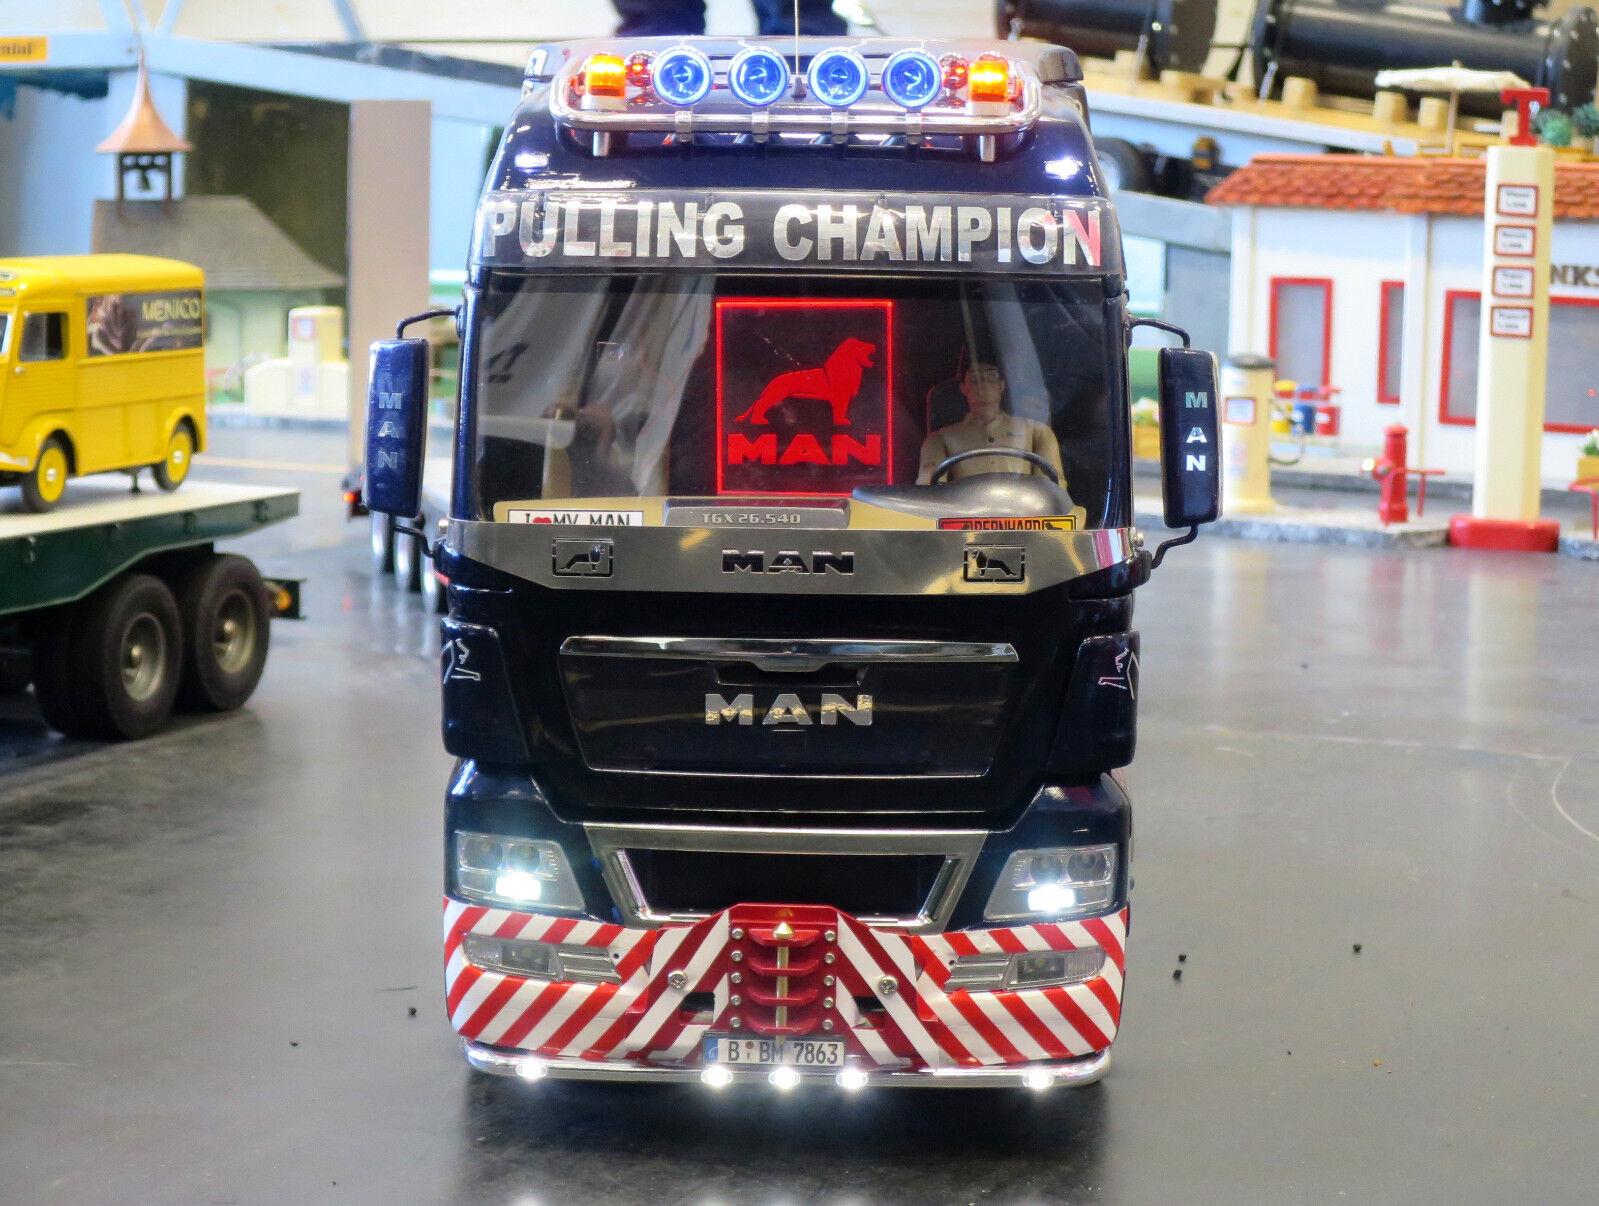 Lenkachse für Tamiya LKW Truck 1:14 MAN Volvo Mercedes Scania